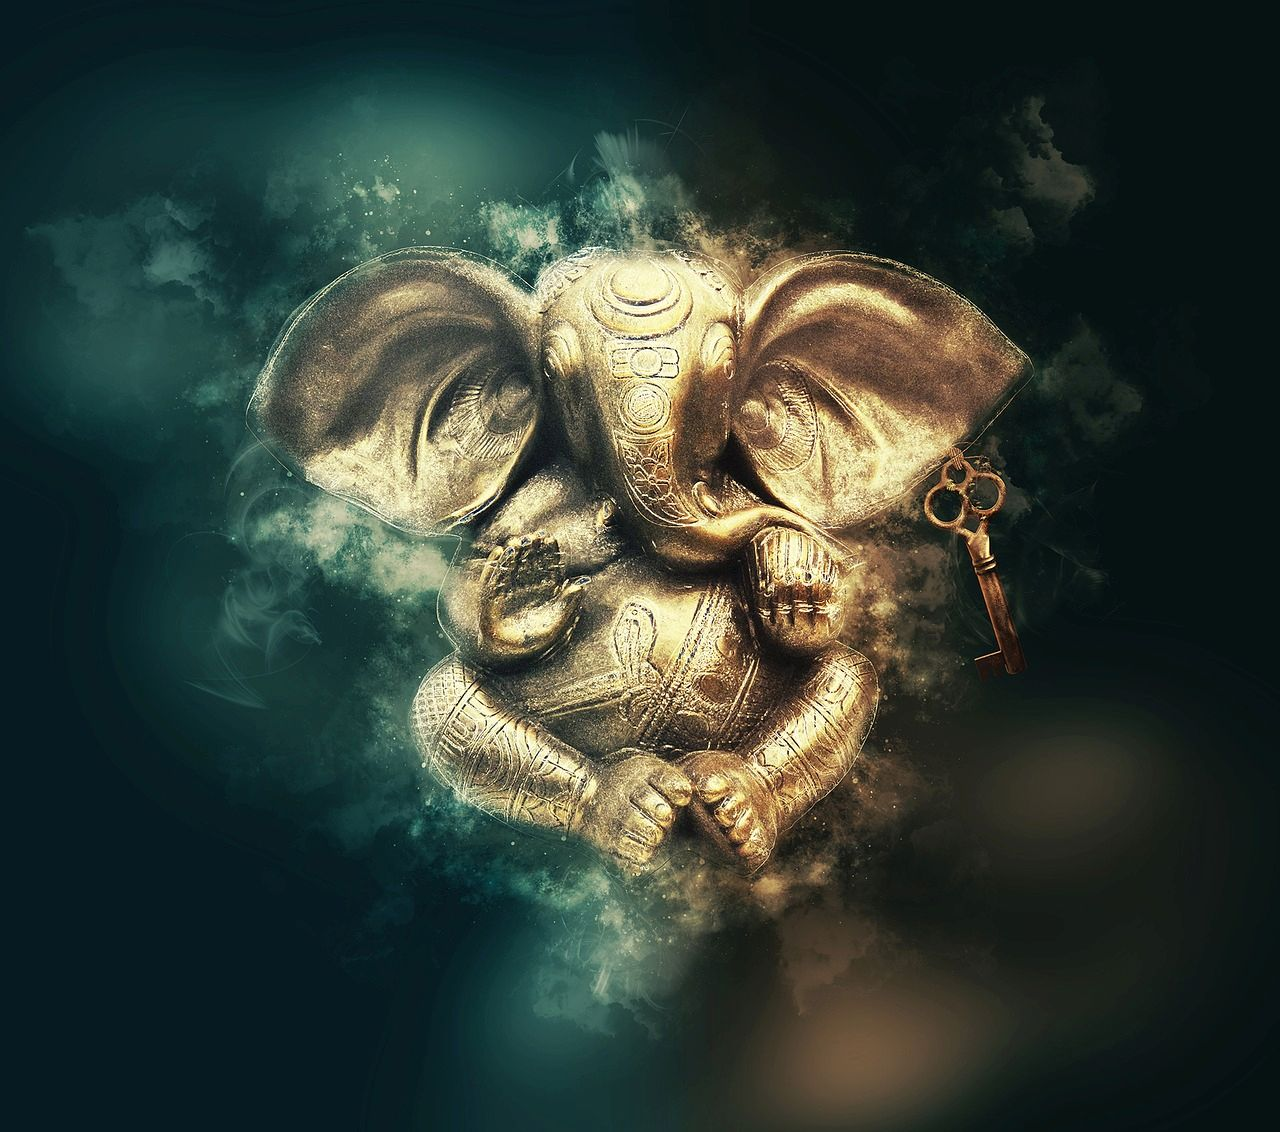 der Elefantengott